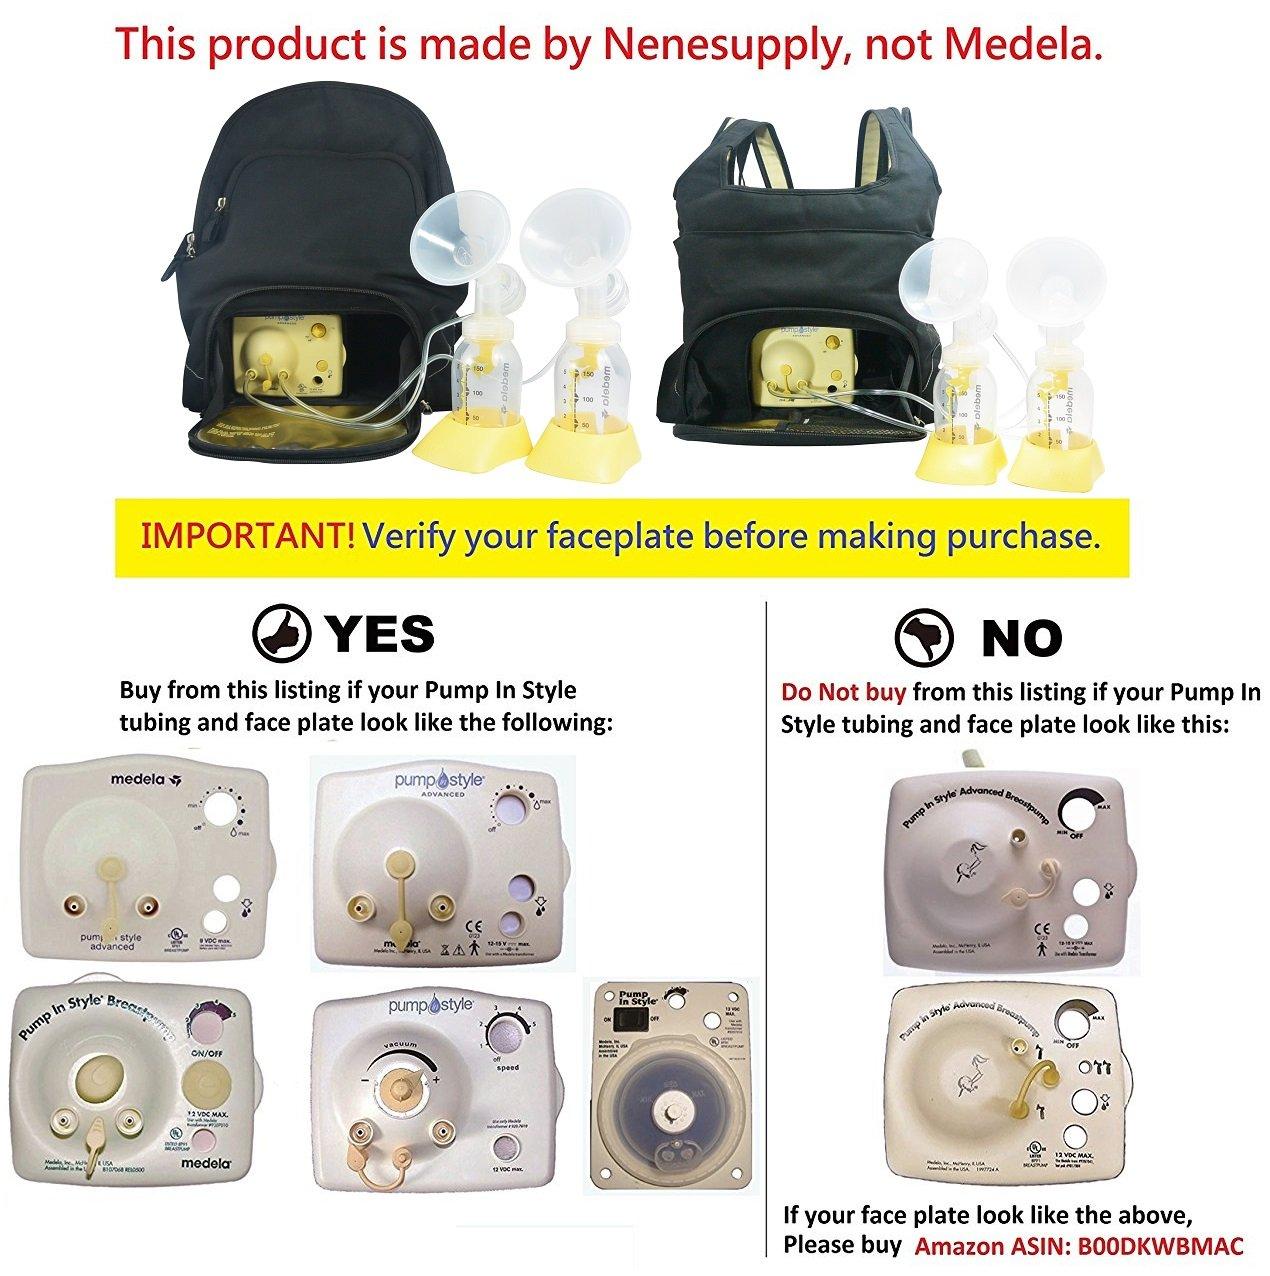 Nenesupply Compatible Pump Parts for Medela Pump In Style Breastpump 2 Small 21mm Breastshield 2 Valve 4 Membrane 2 Tubing Not Original Medela Pump Parts Not Original Medela Breastshield by NENESUPPLY (Image #3)